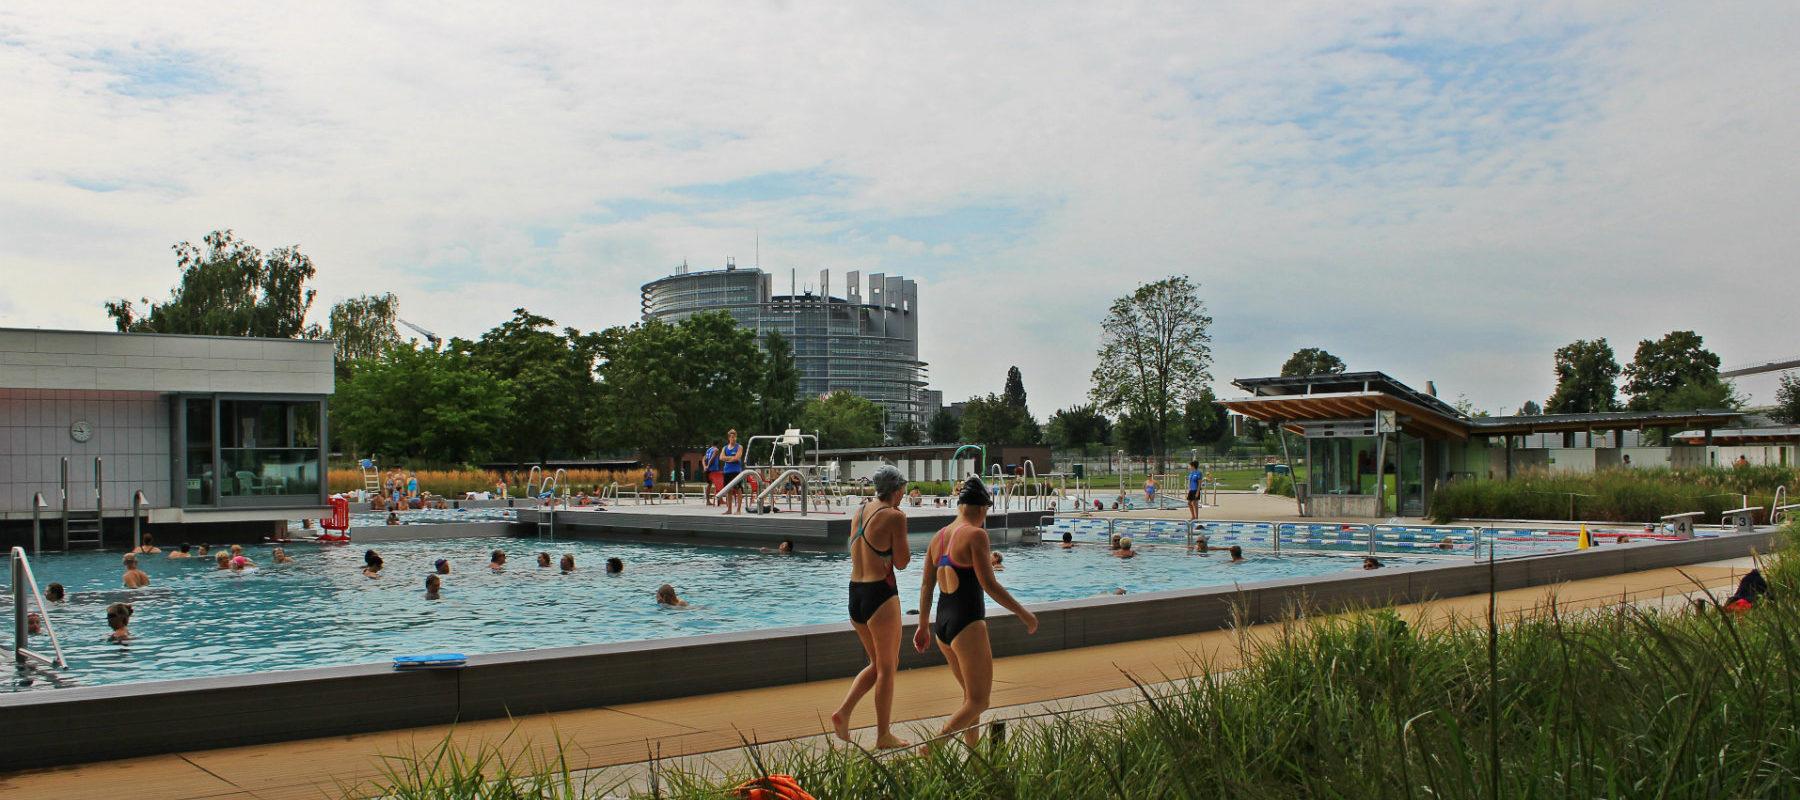 Ce Que La Rénovation Des Piscines A Changé À Strasbourg dedans Piscine Cus